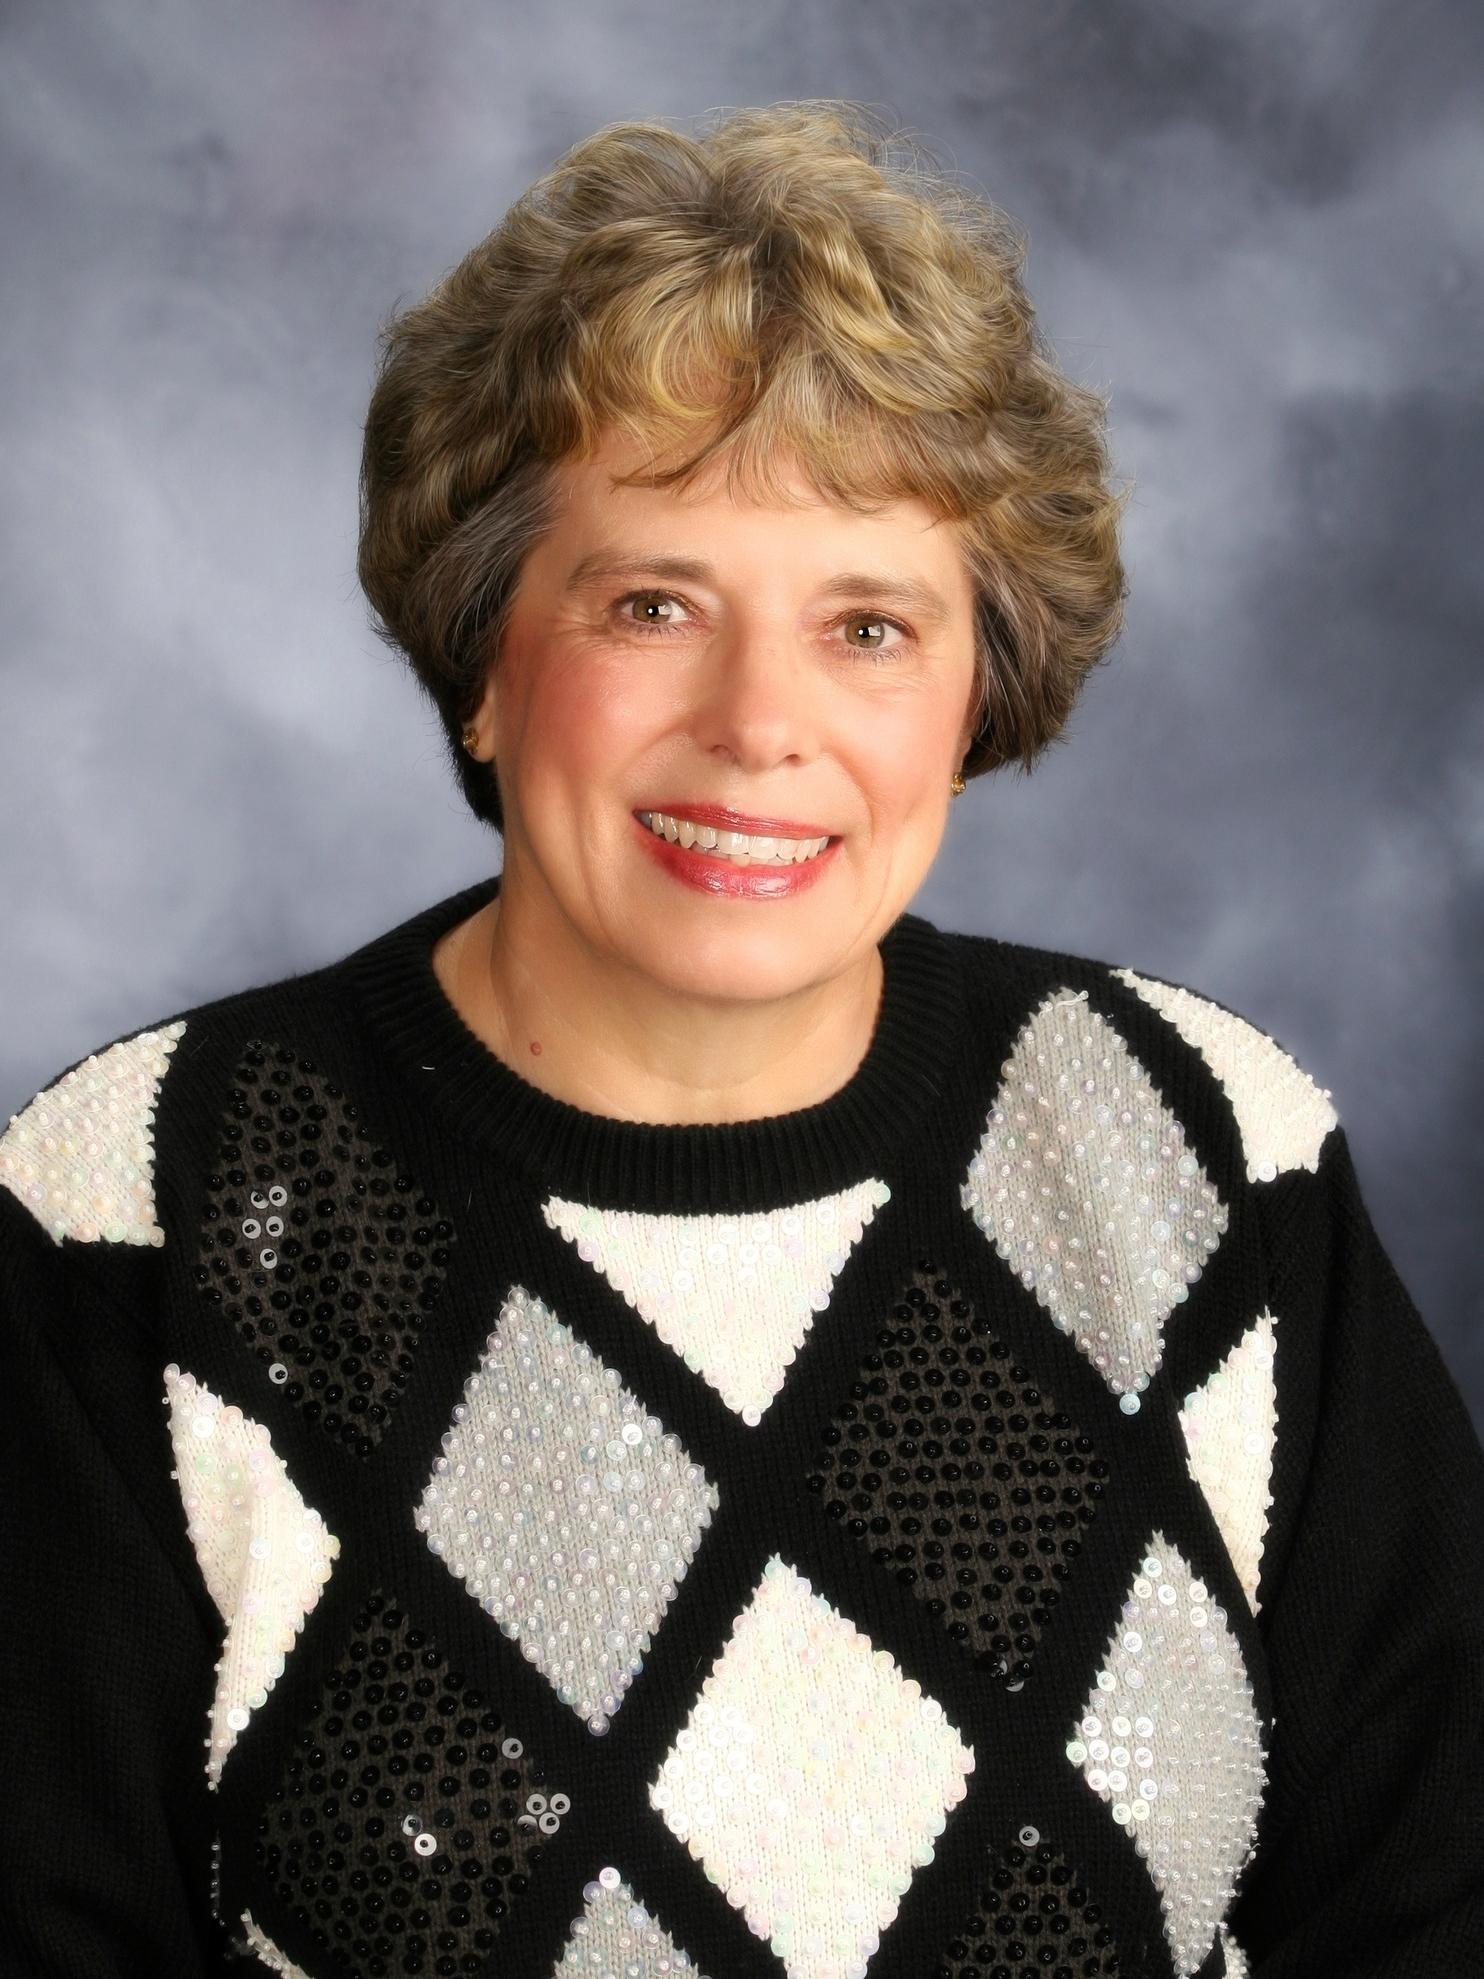 Kathy Wiemels